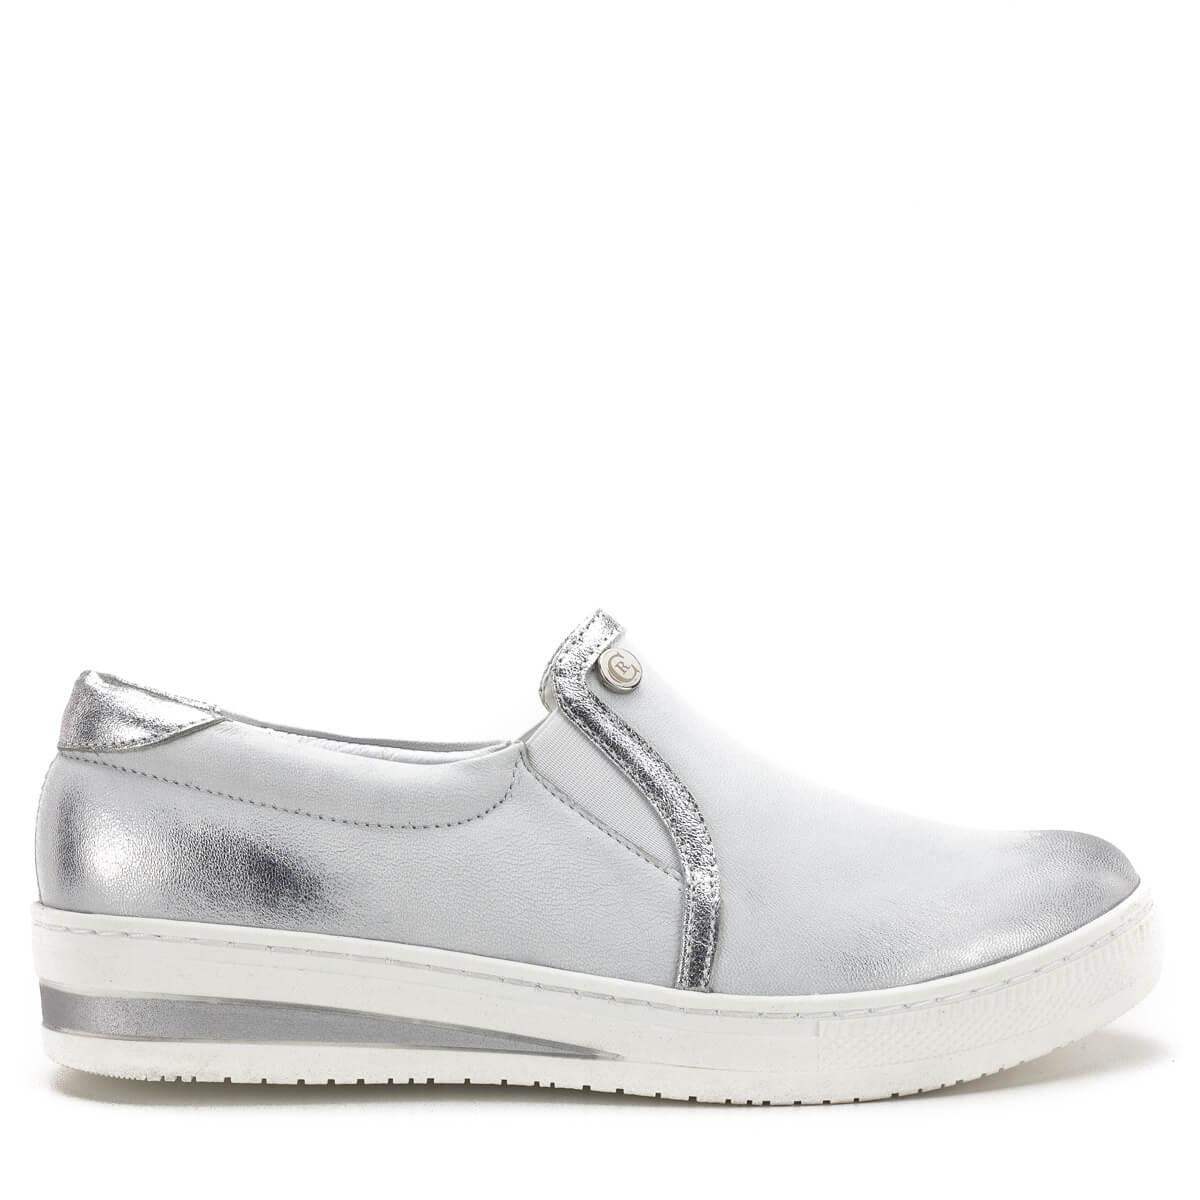 bd77bc5706 Kényelmes zárt női cipő; Carla Ricci cipő fehér-ezüst színben, vastag gumi  talppal. Kényelmes zárt női cipő